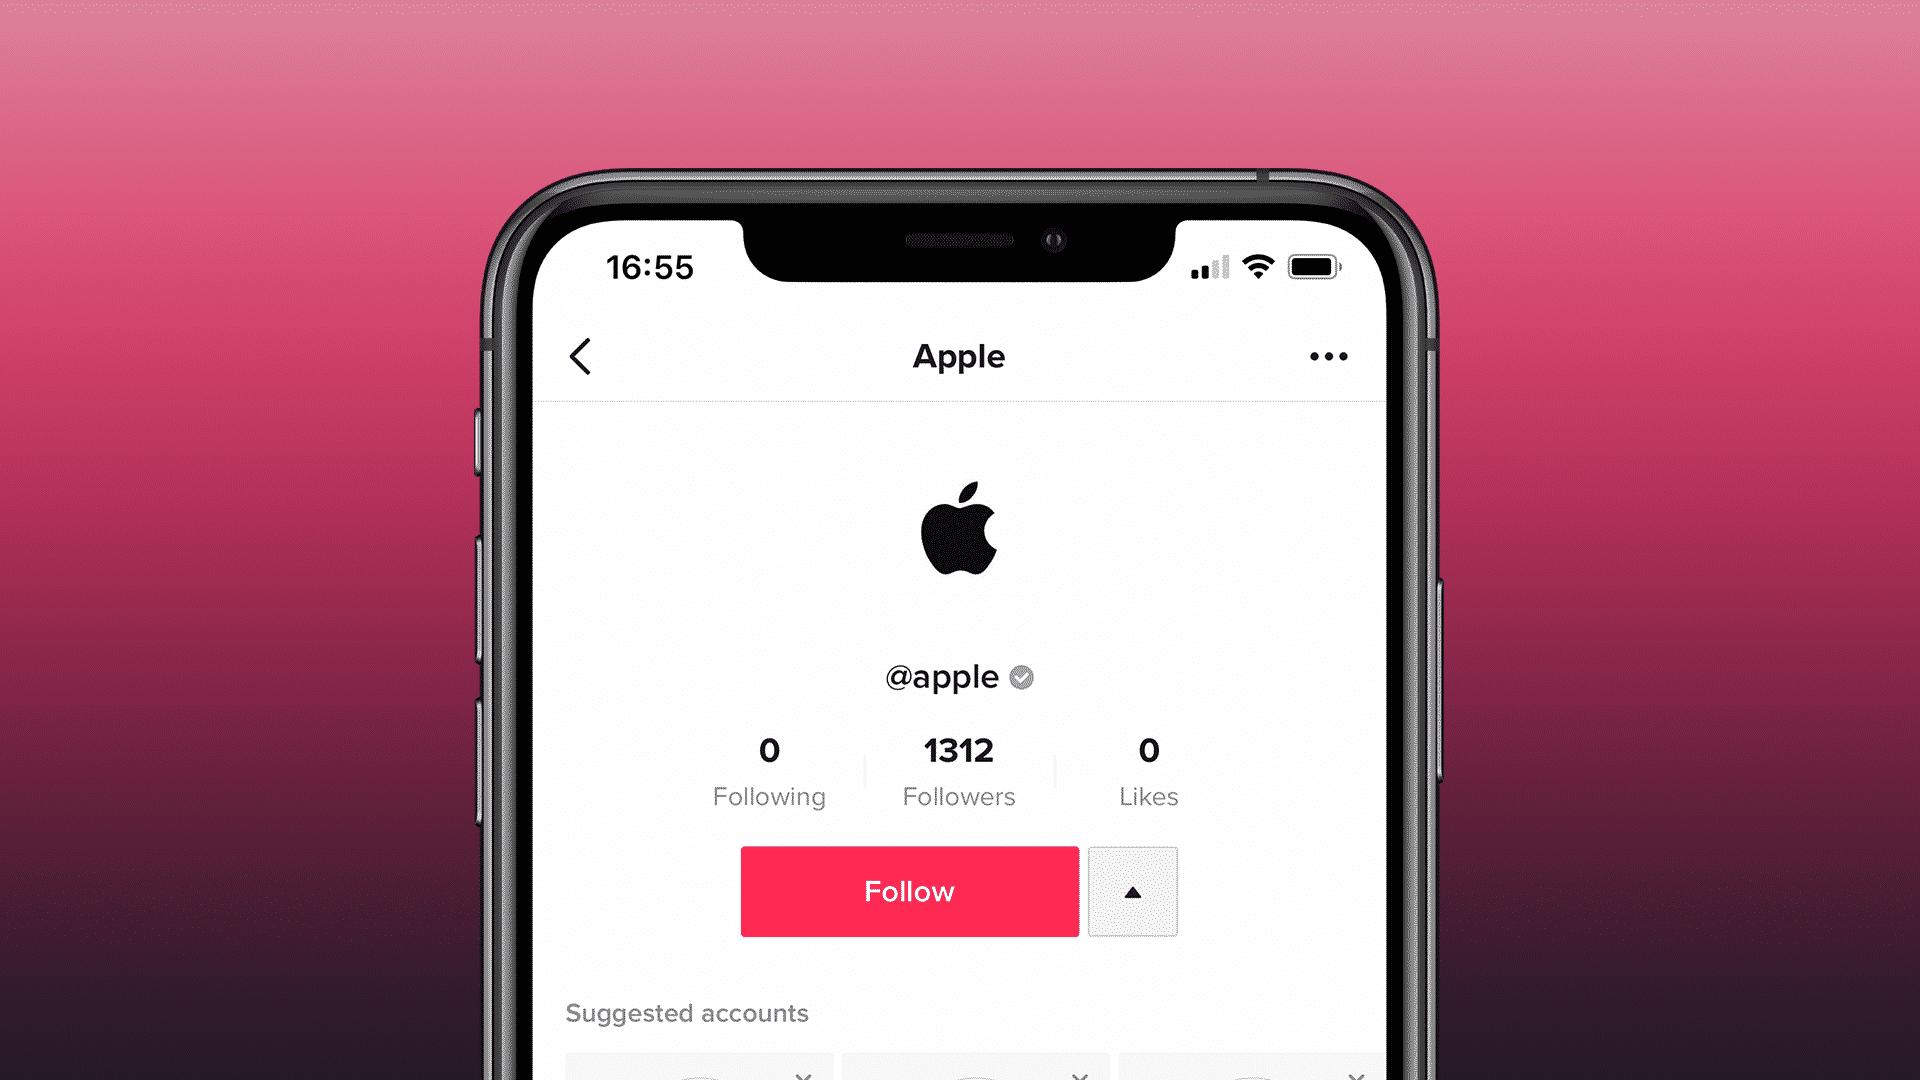 Apple now has a TikTok page